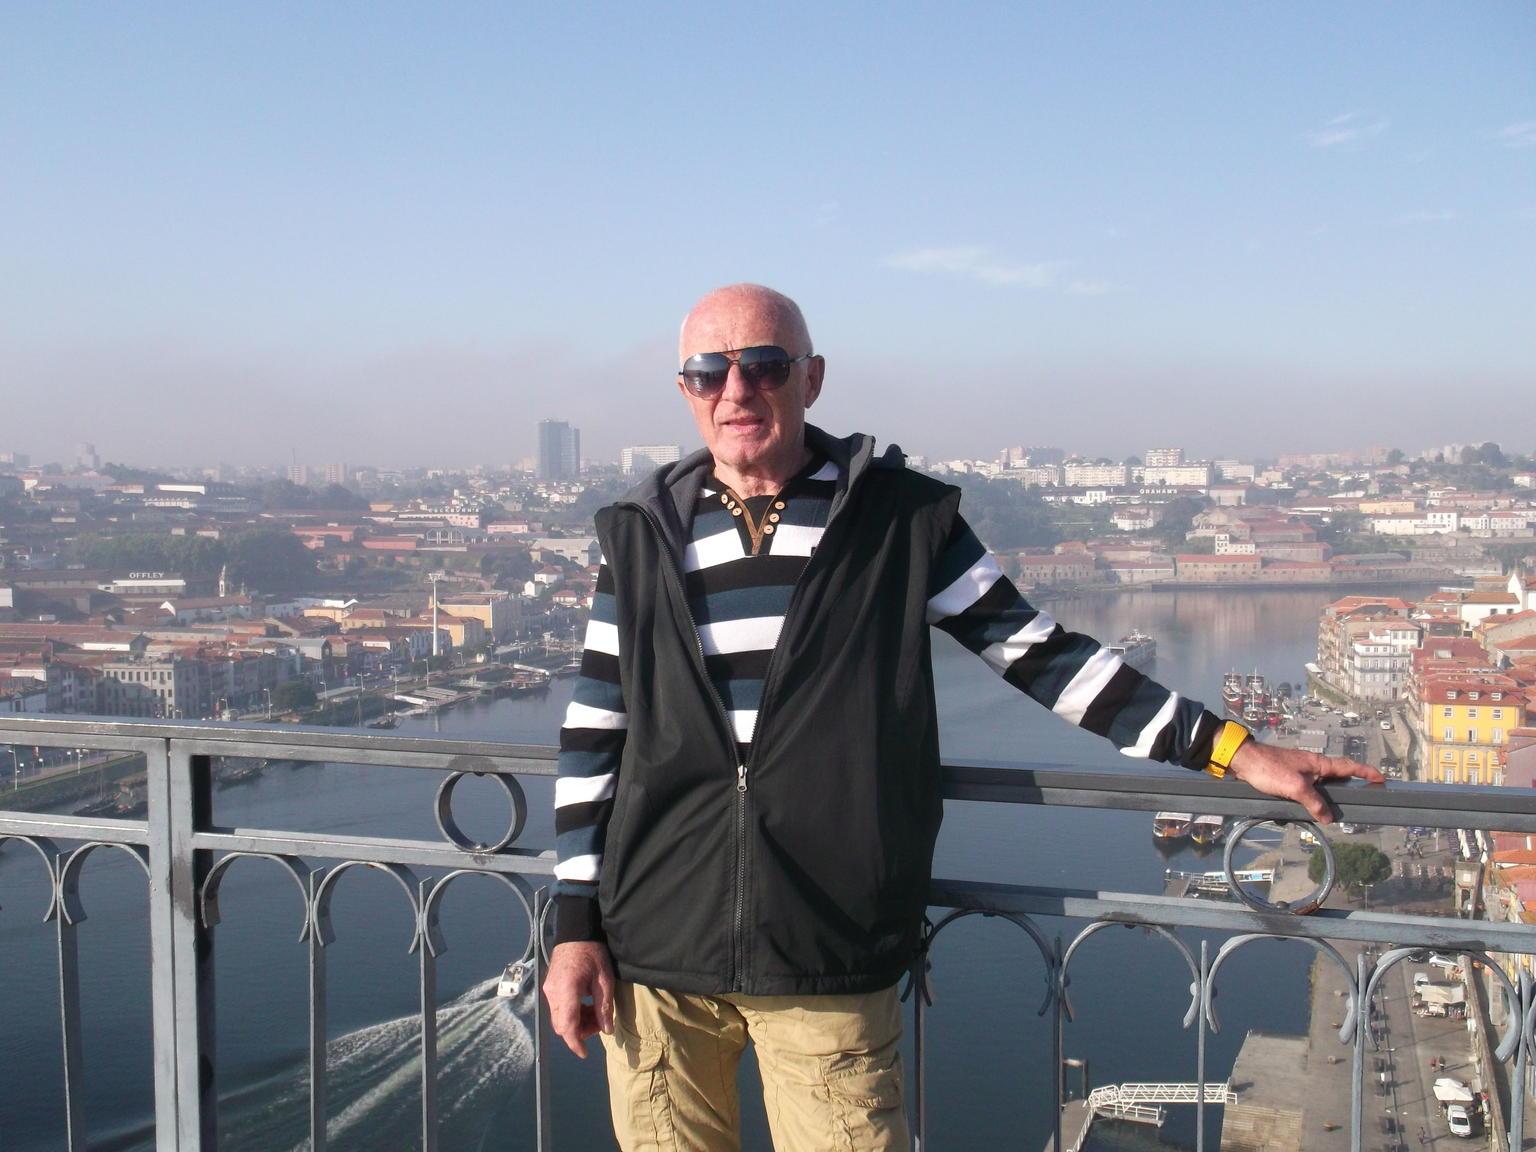 MAIS FOTOS, City tour em Porto incluindo passeio de barco, degustação de vinho do Porto e almoço